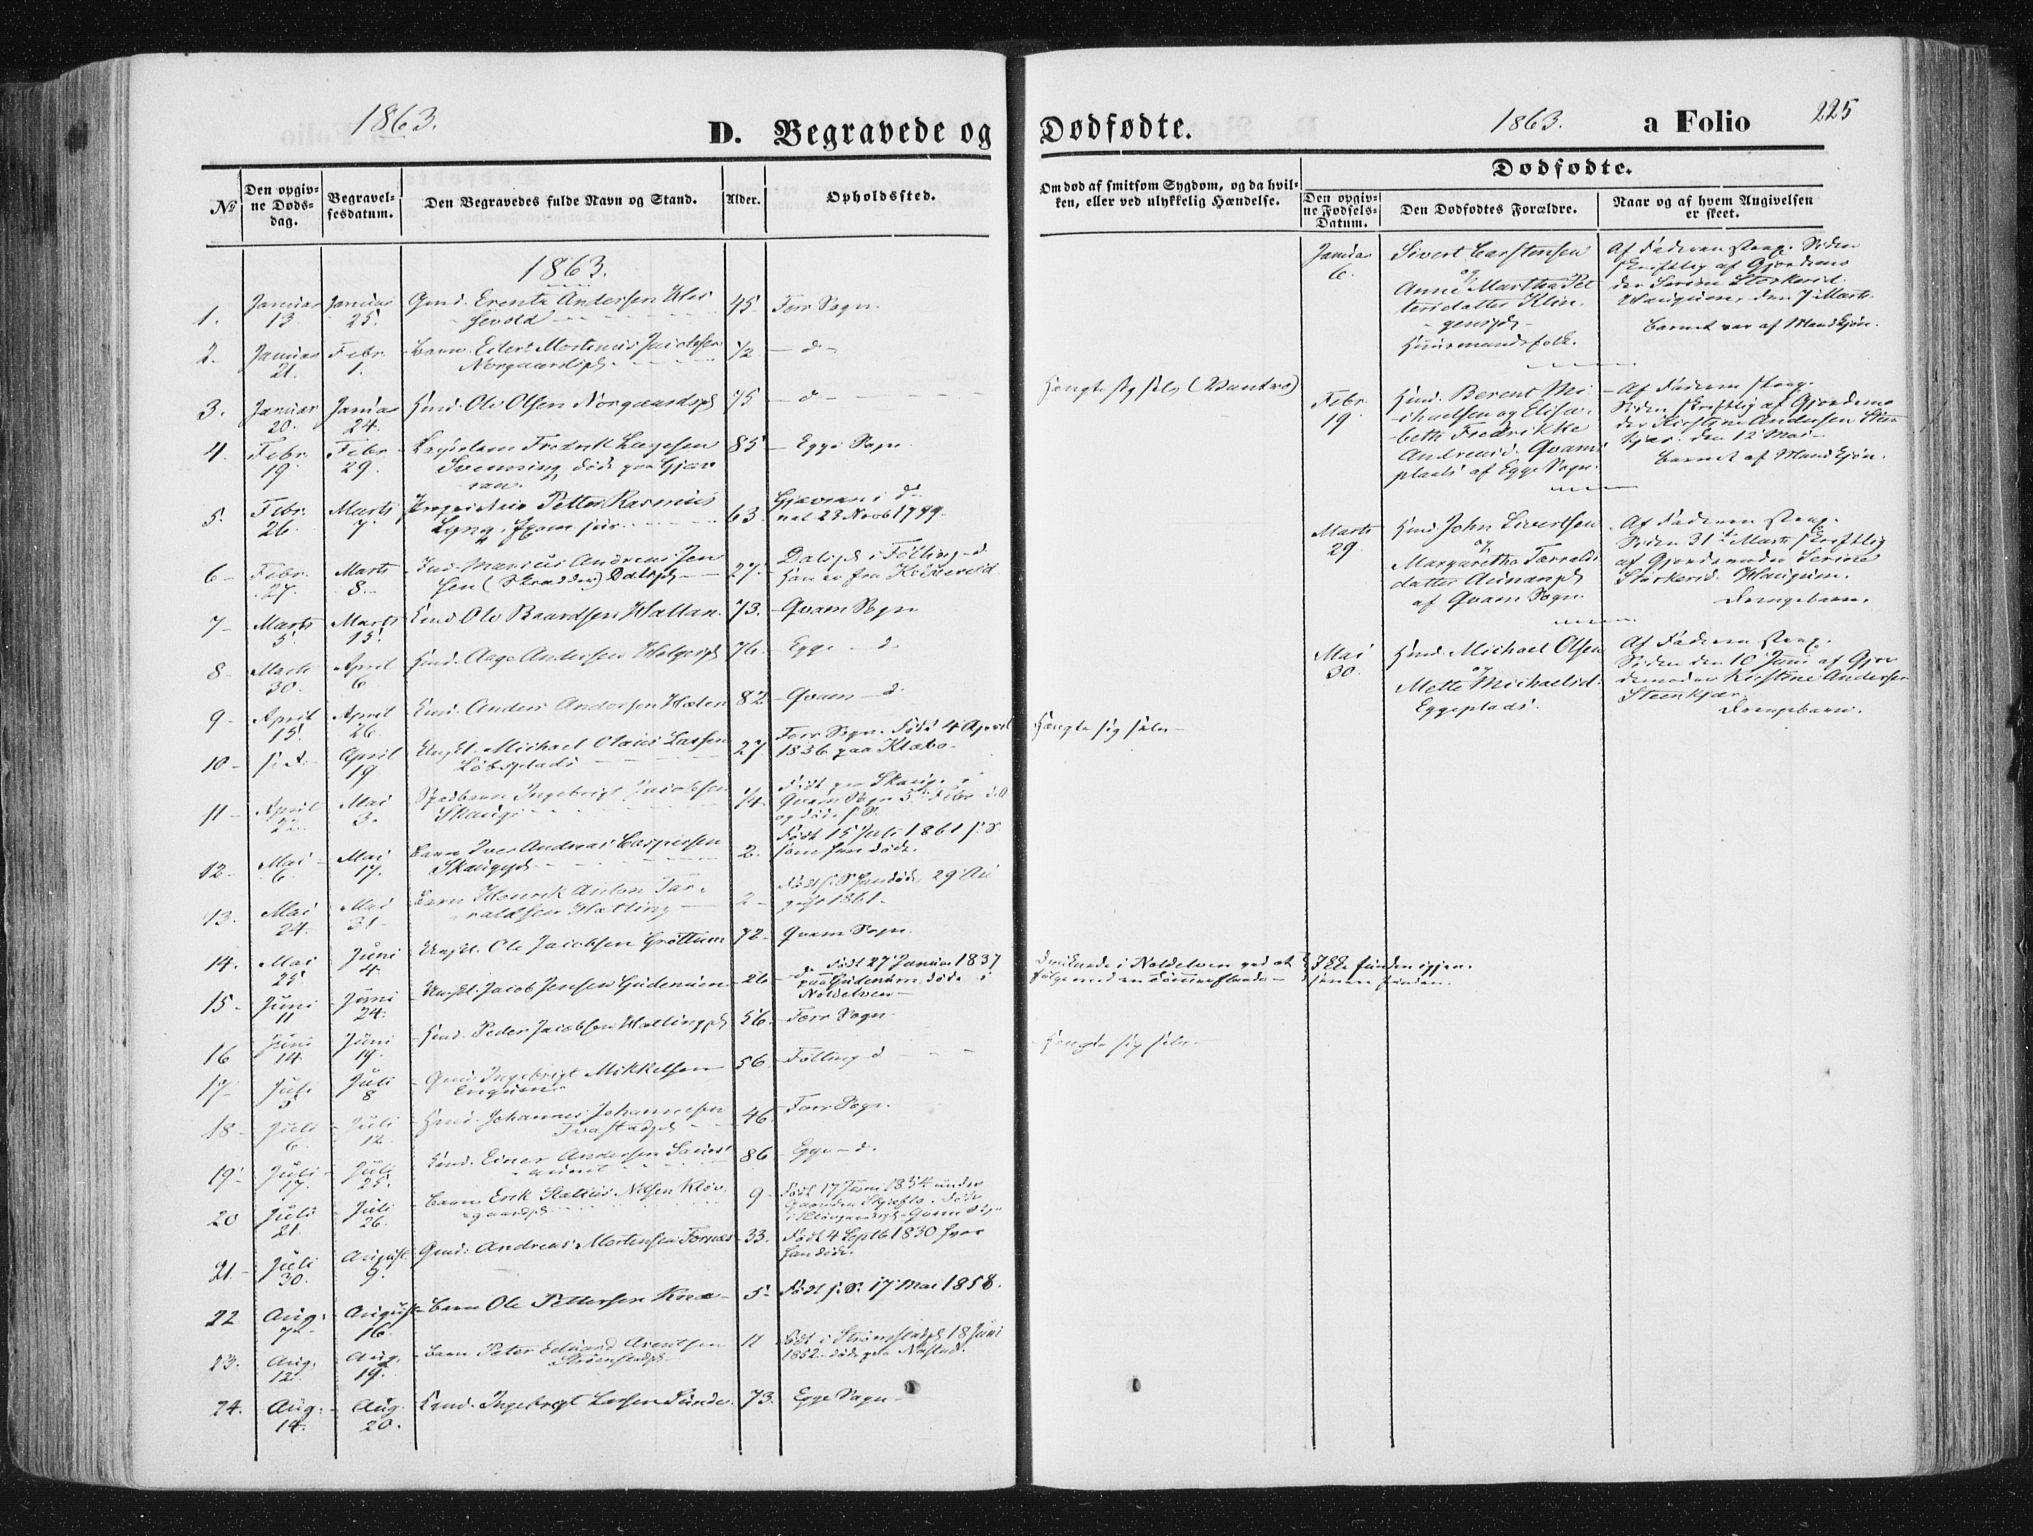 SAT, Ministerialprotokoller, klokkerbøker og fødselsregistre - Nord-Trøndelag, 746/L0447: Ministerialbok nr. 746A06, 1860-1877, s. 225